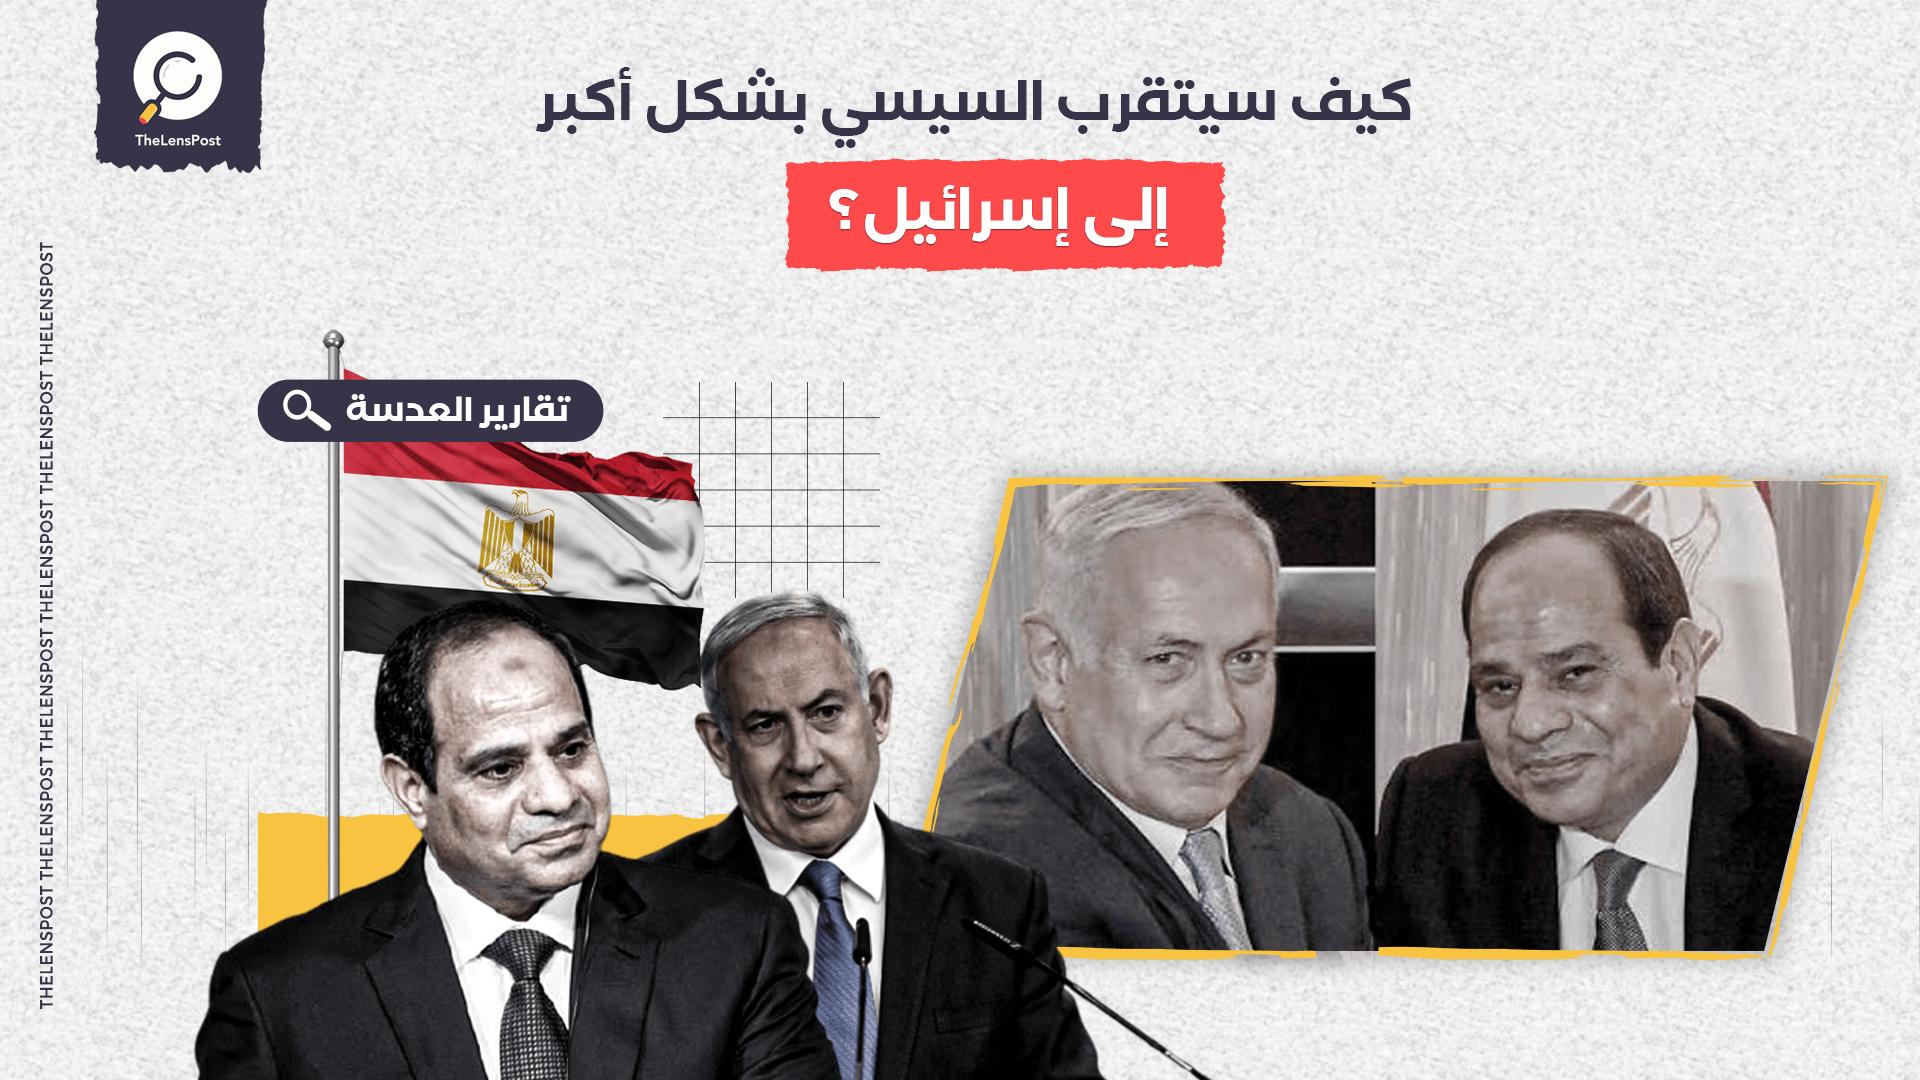 كيف سيتقرب السيسي بشكل أكبر إلى إسرائيل؟